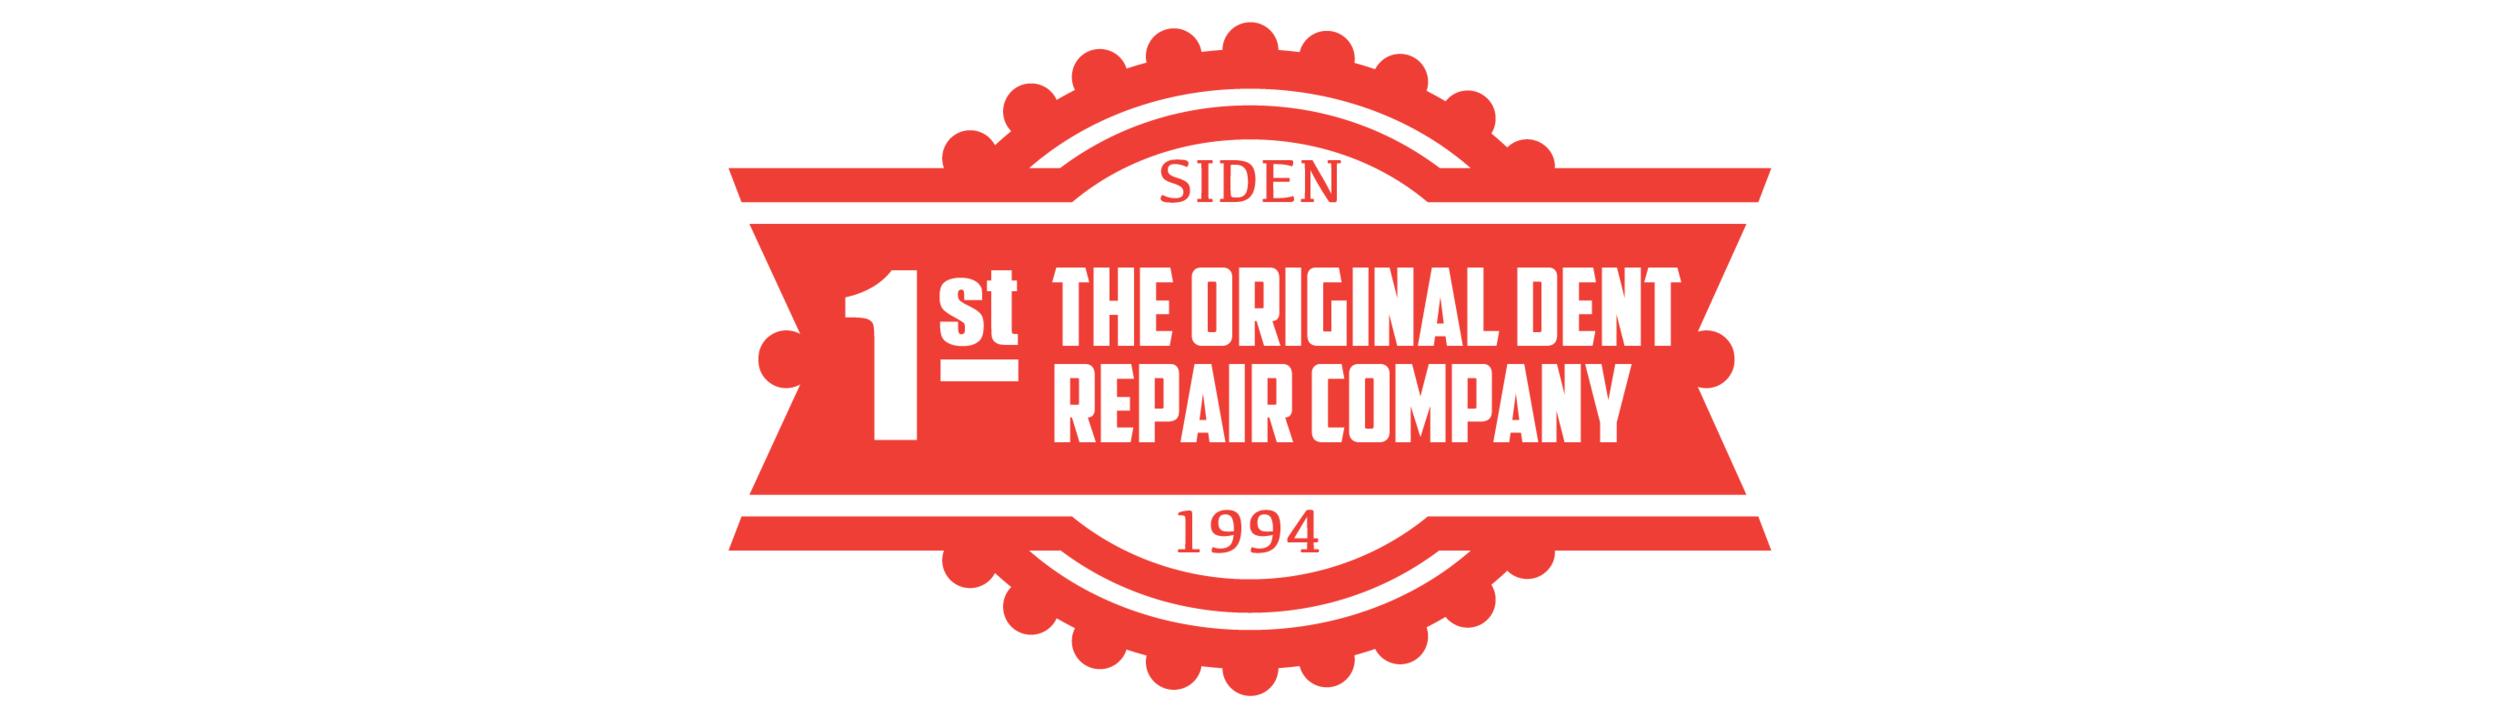 number1_dent_logo-01.png